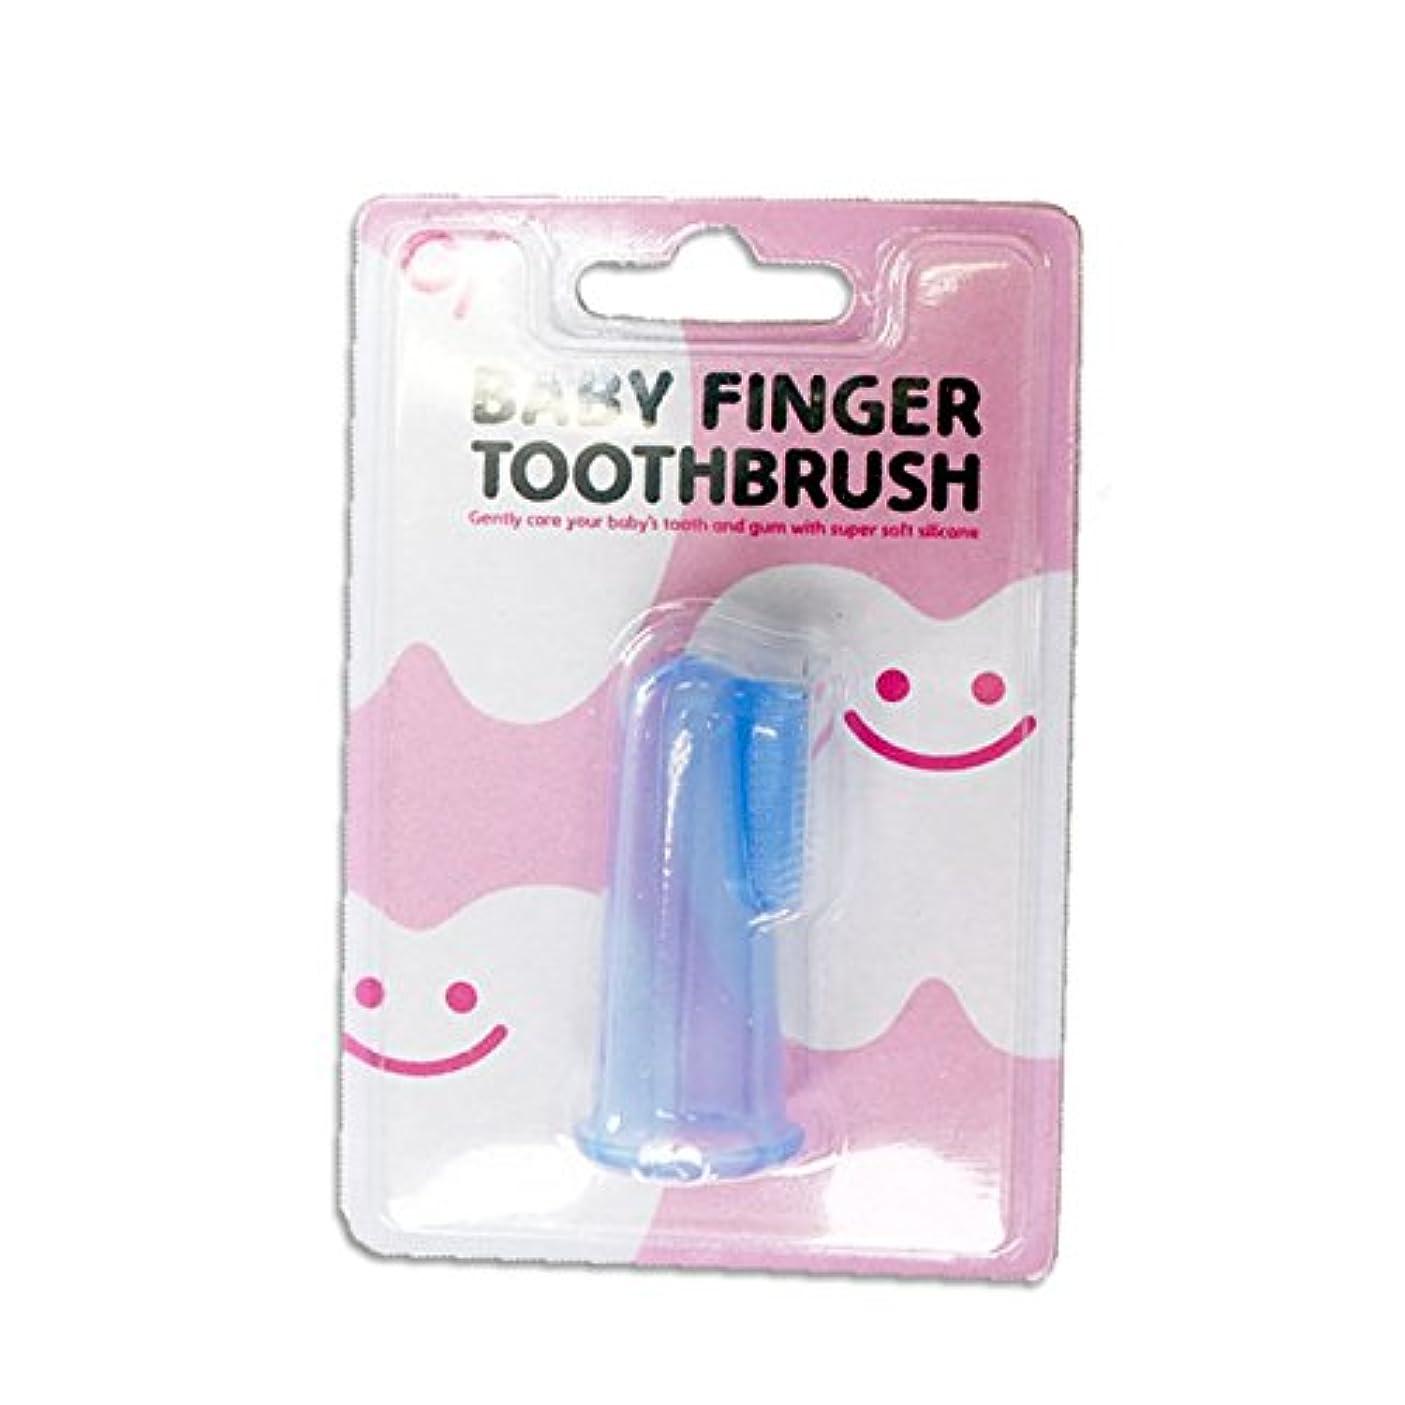 写真を撮るペンダントベビーフィンガートゥースブラッシュ ベビーフィンガー歯ブラシ 12個入り BABY FINGER TOOTHBRUSH